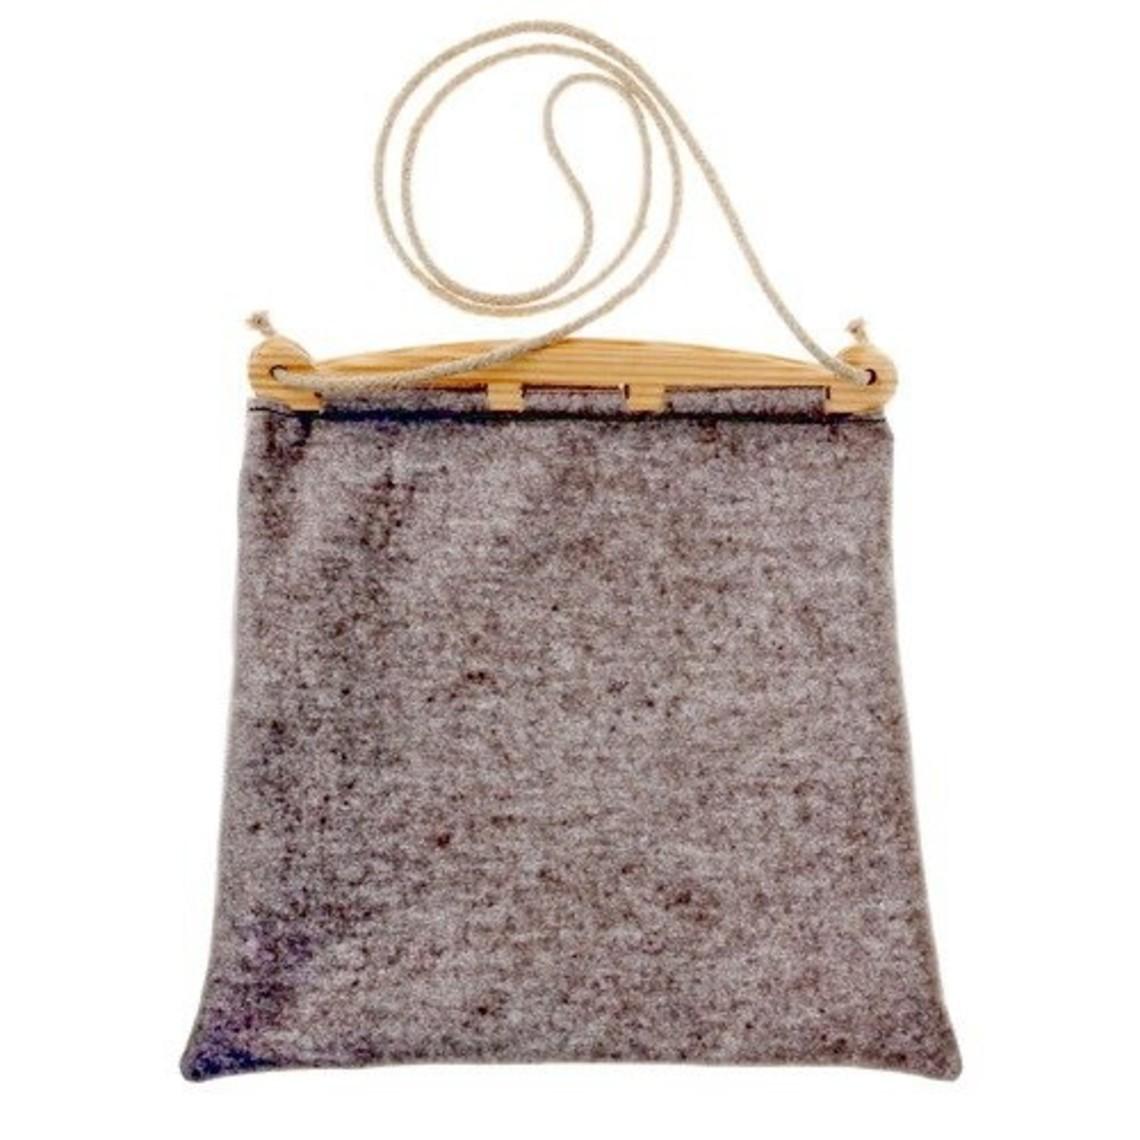 Haithabu bolsa de Viking grande